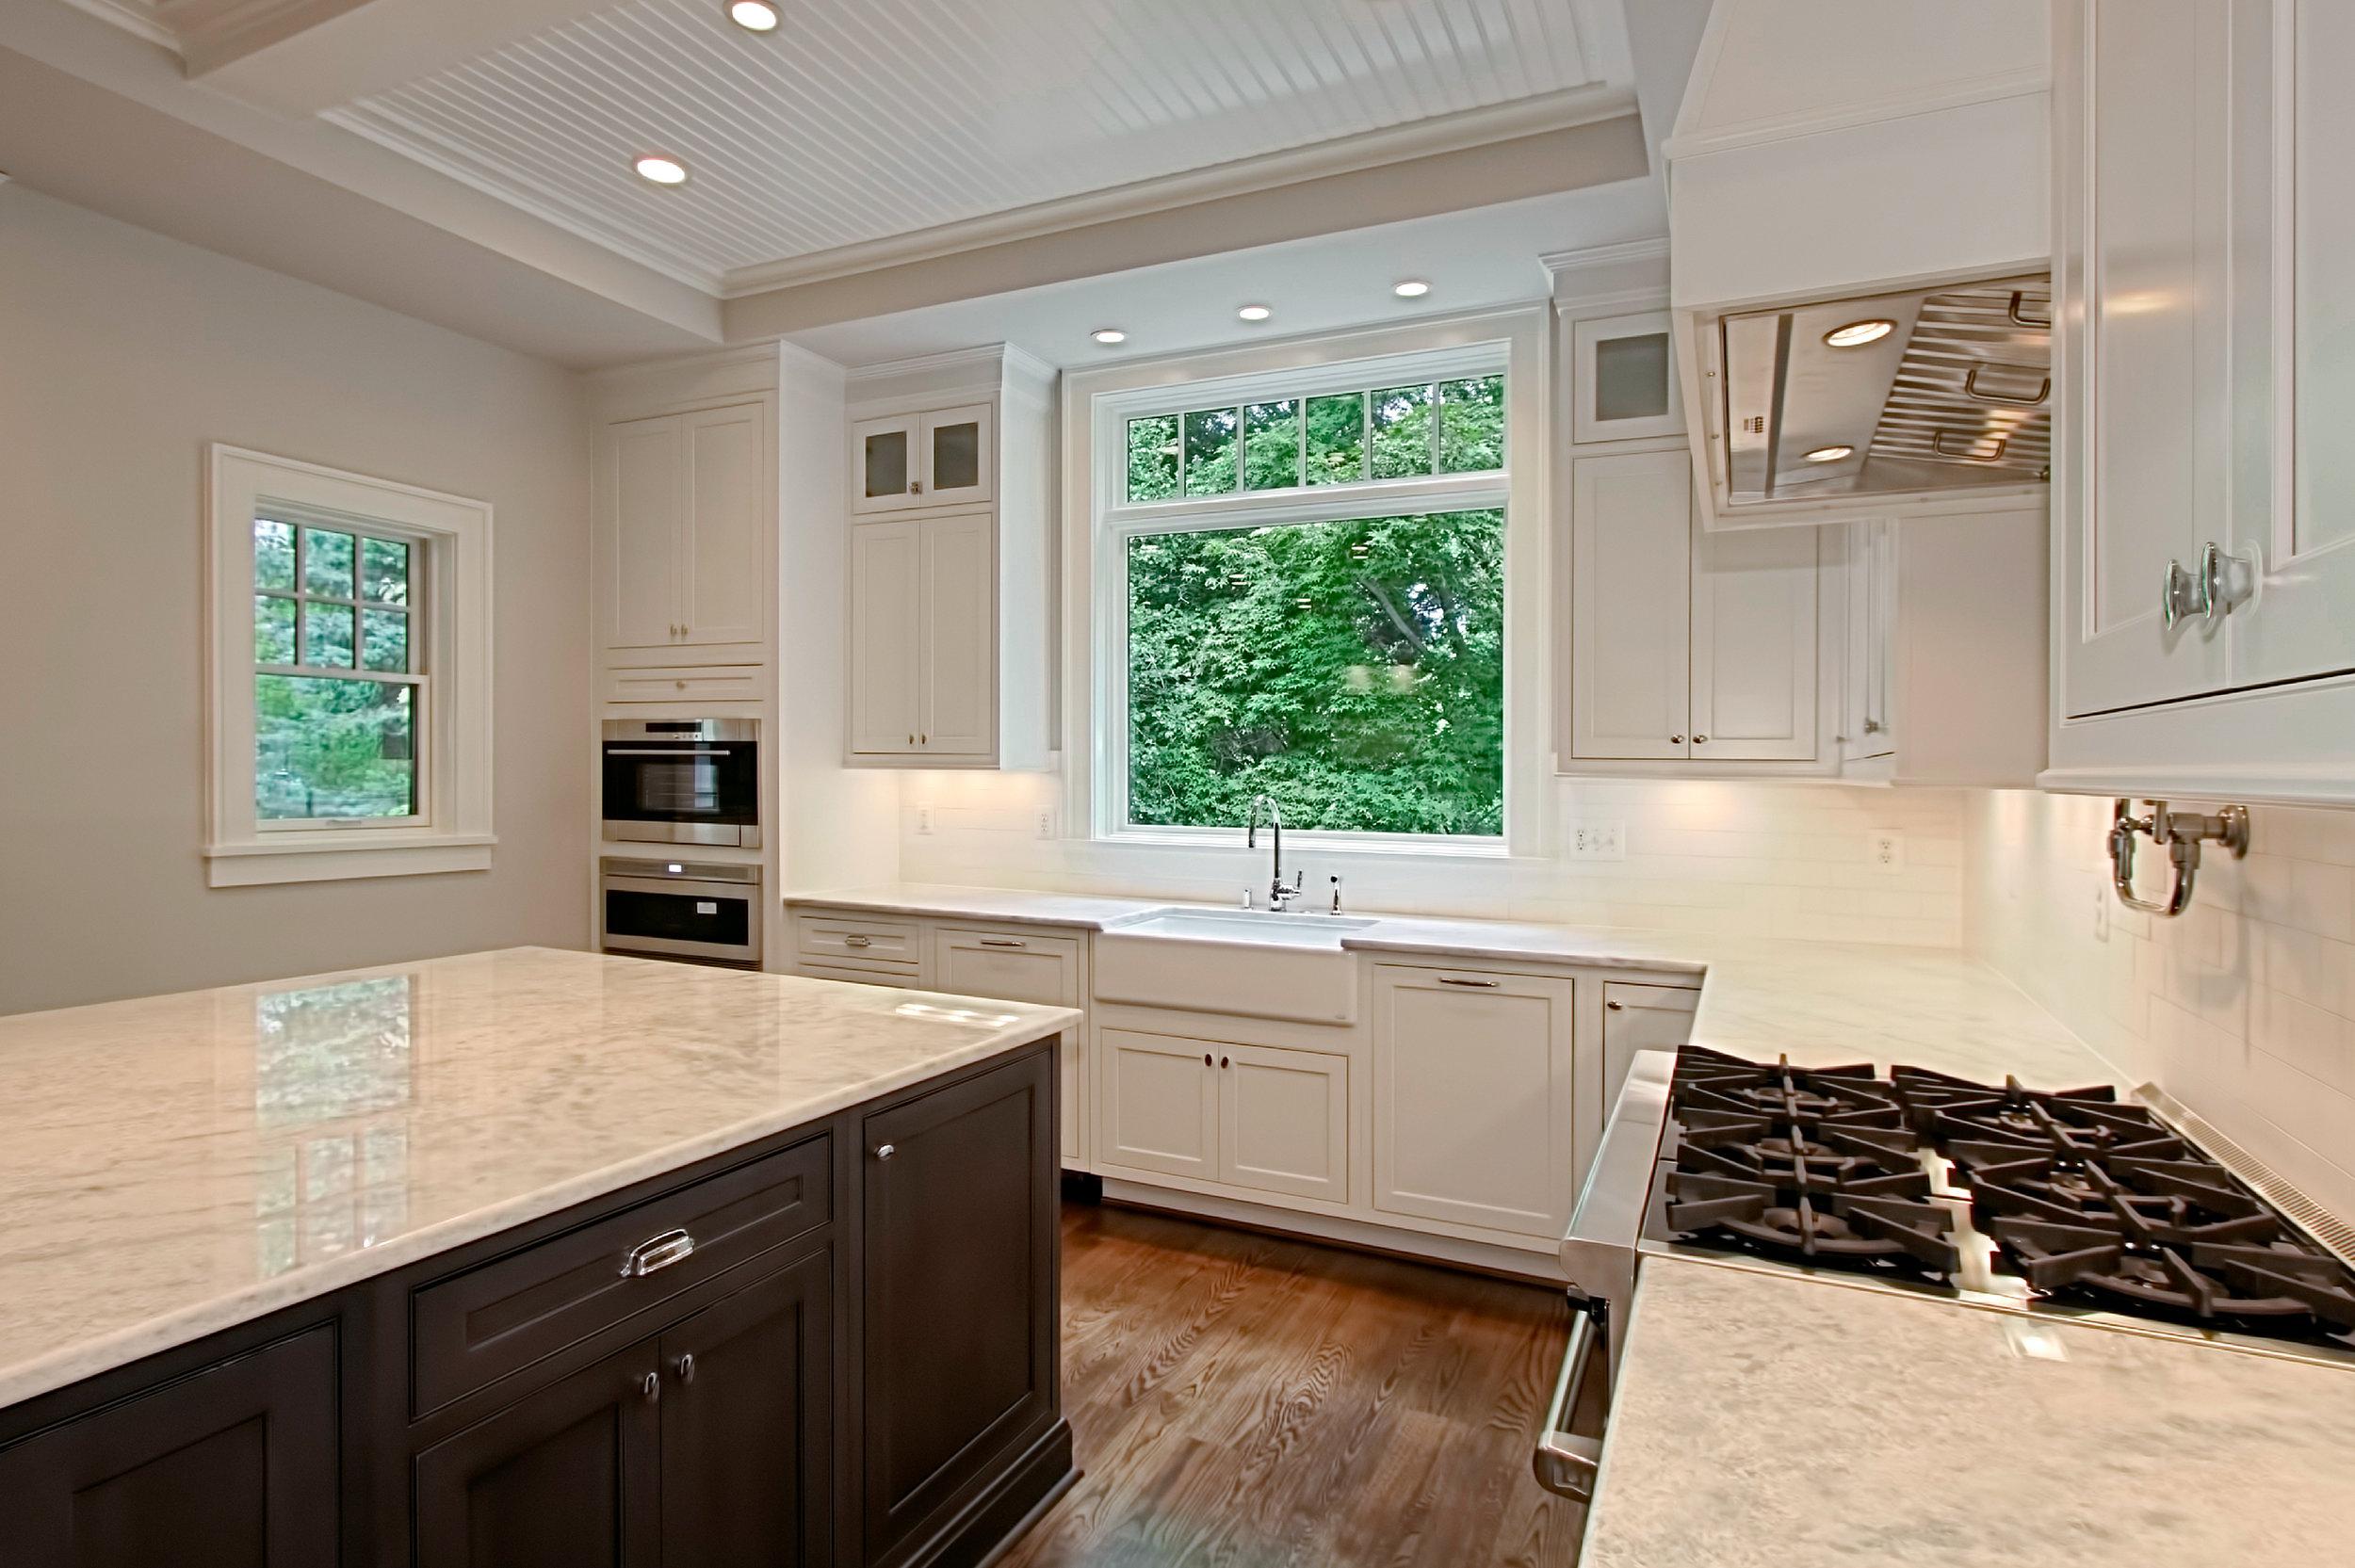 1886 Virginia Ave. - Kitchen 2.jpg